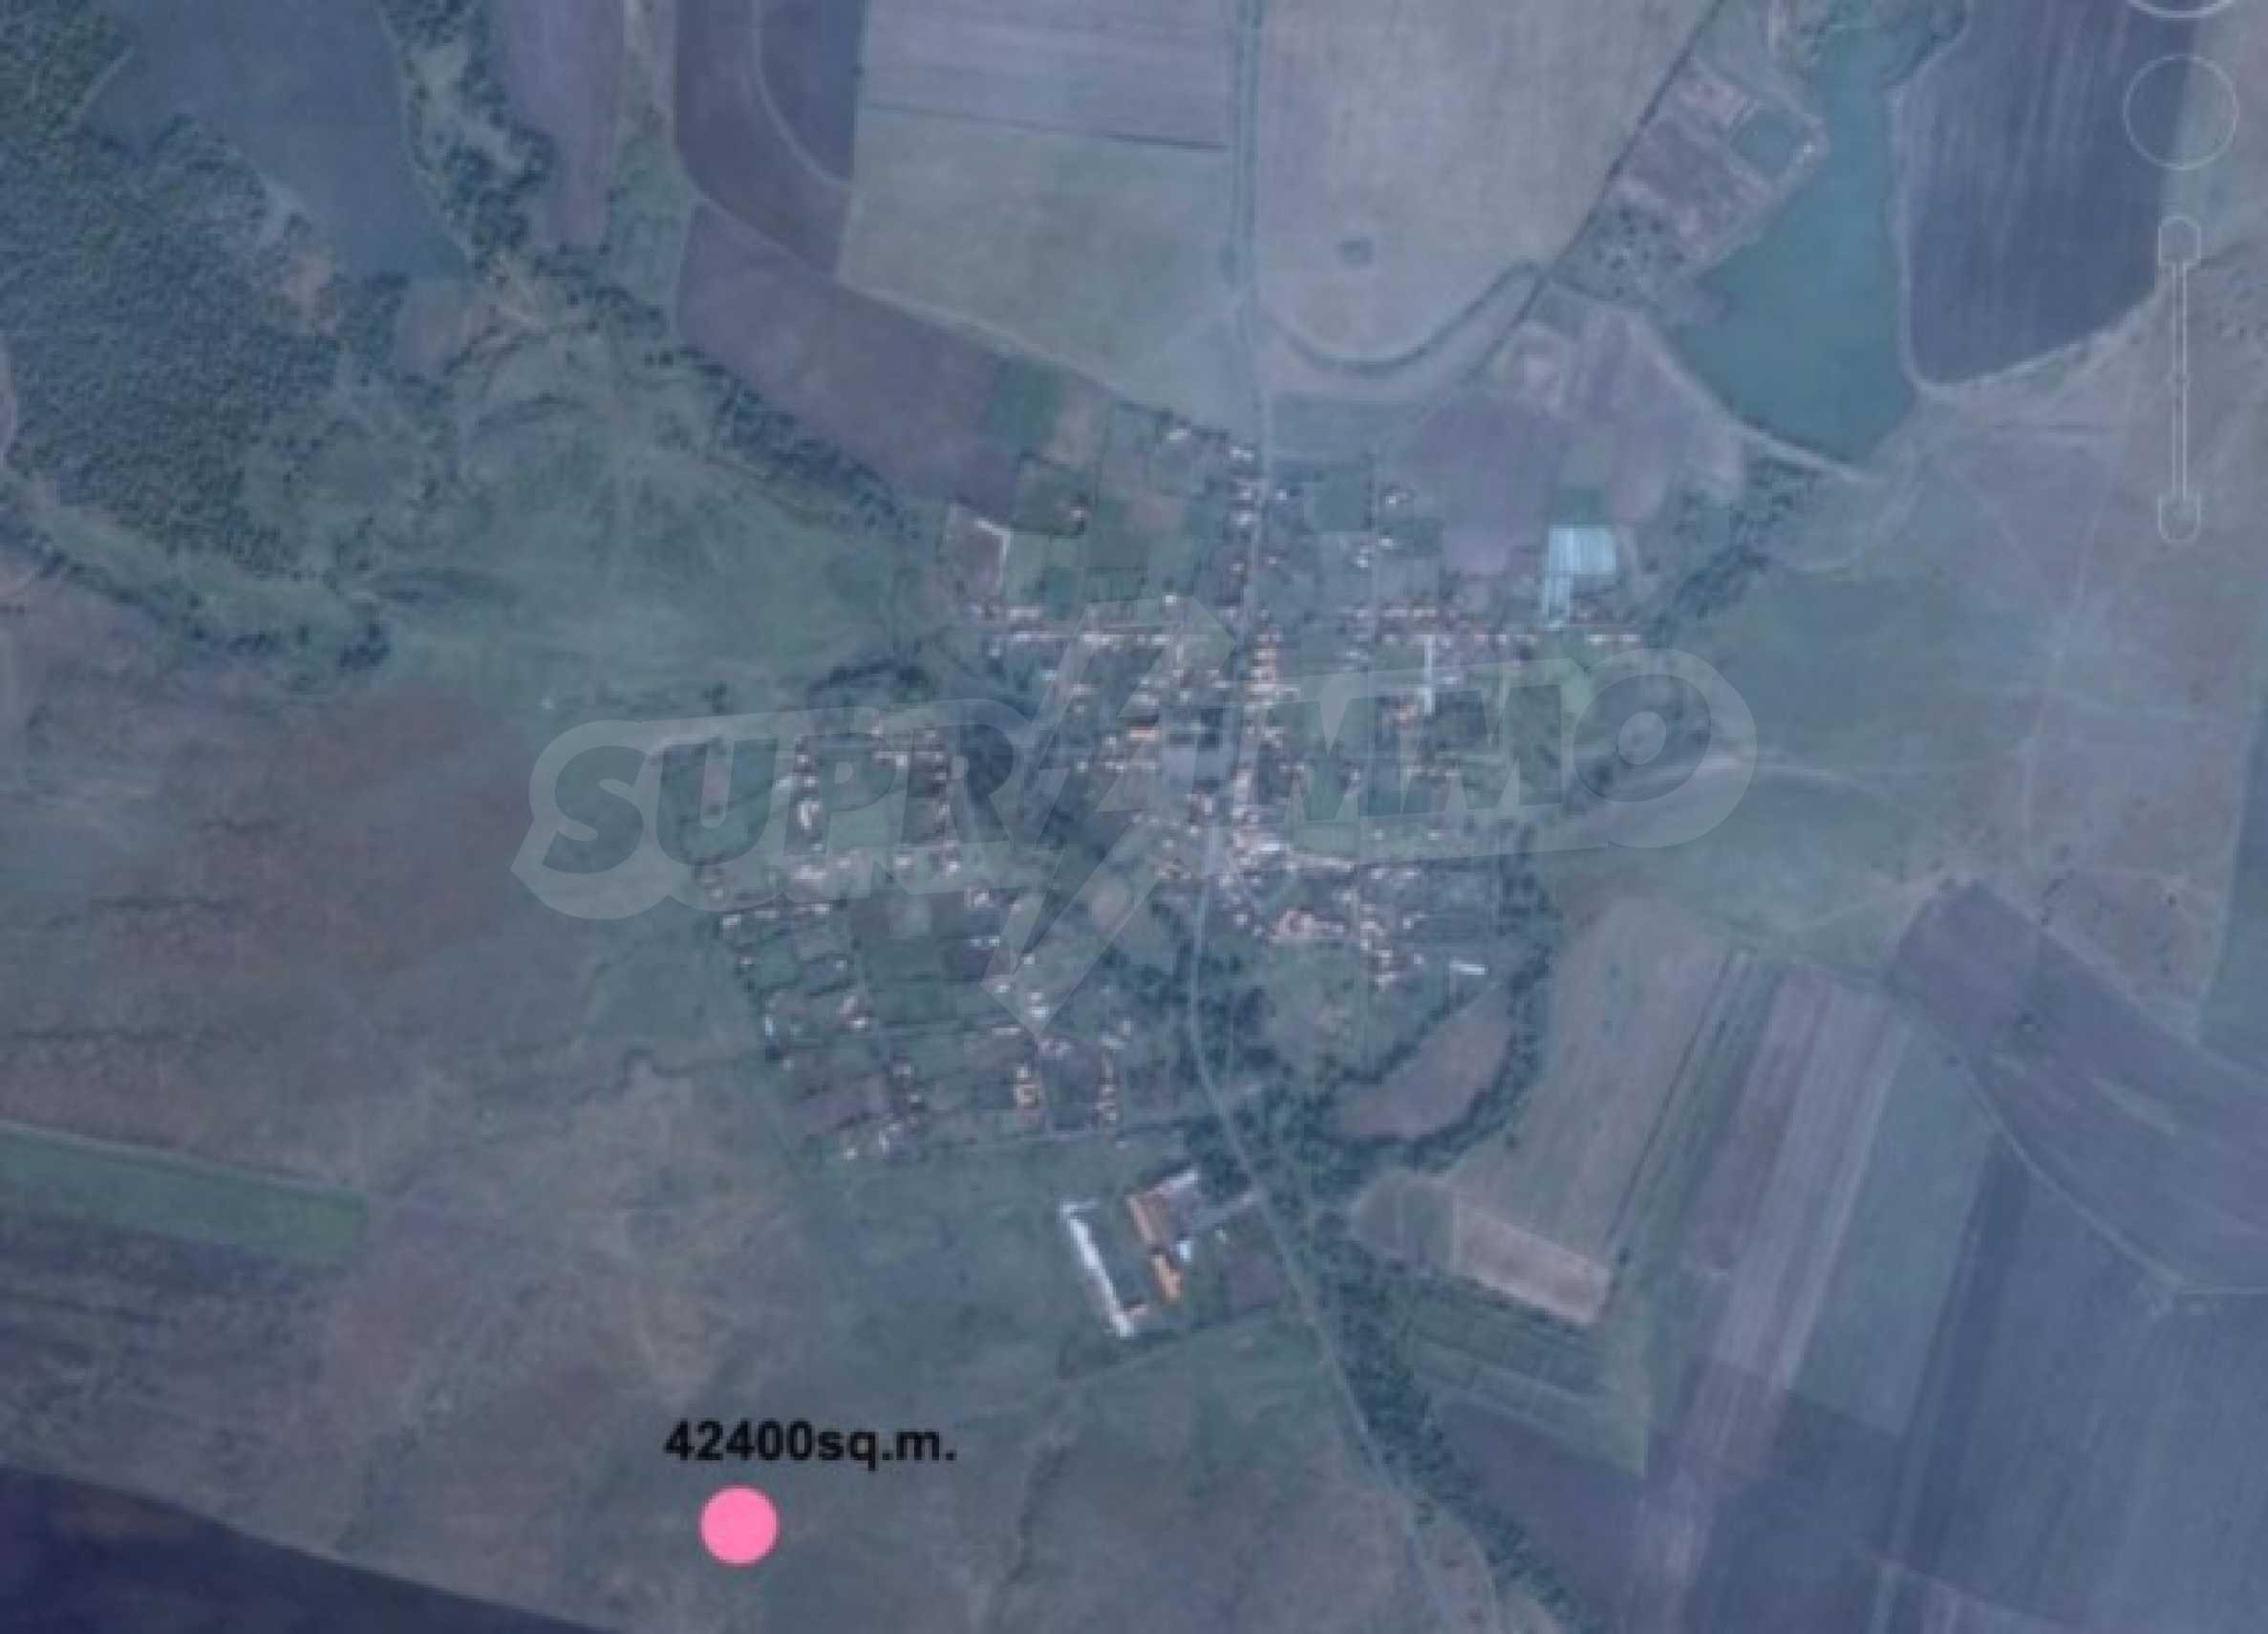 Огромный участок сельскохозяйственной земли недалеко от магистрали 6